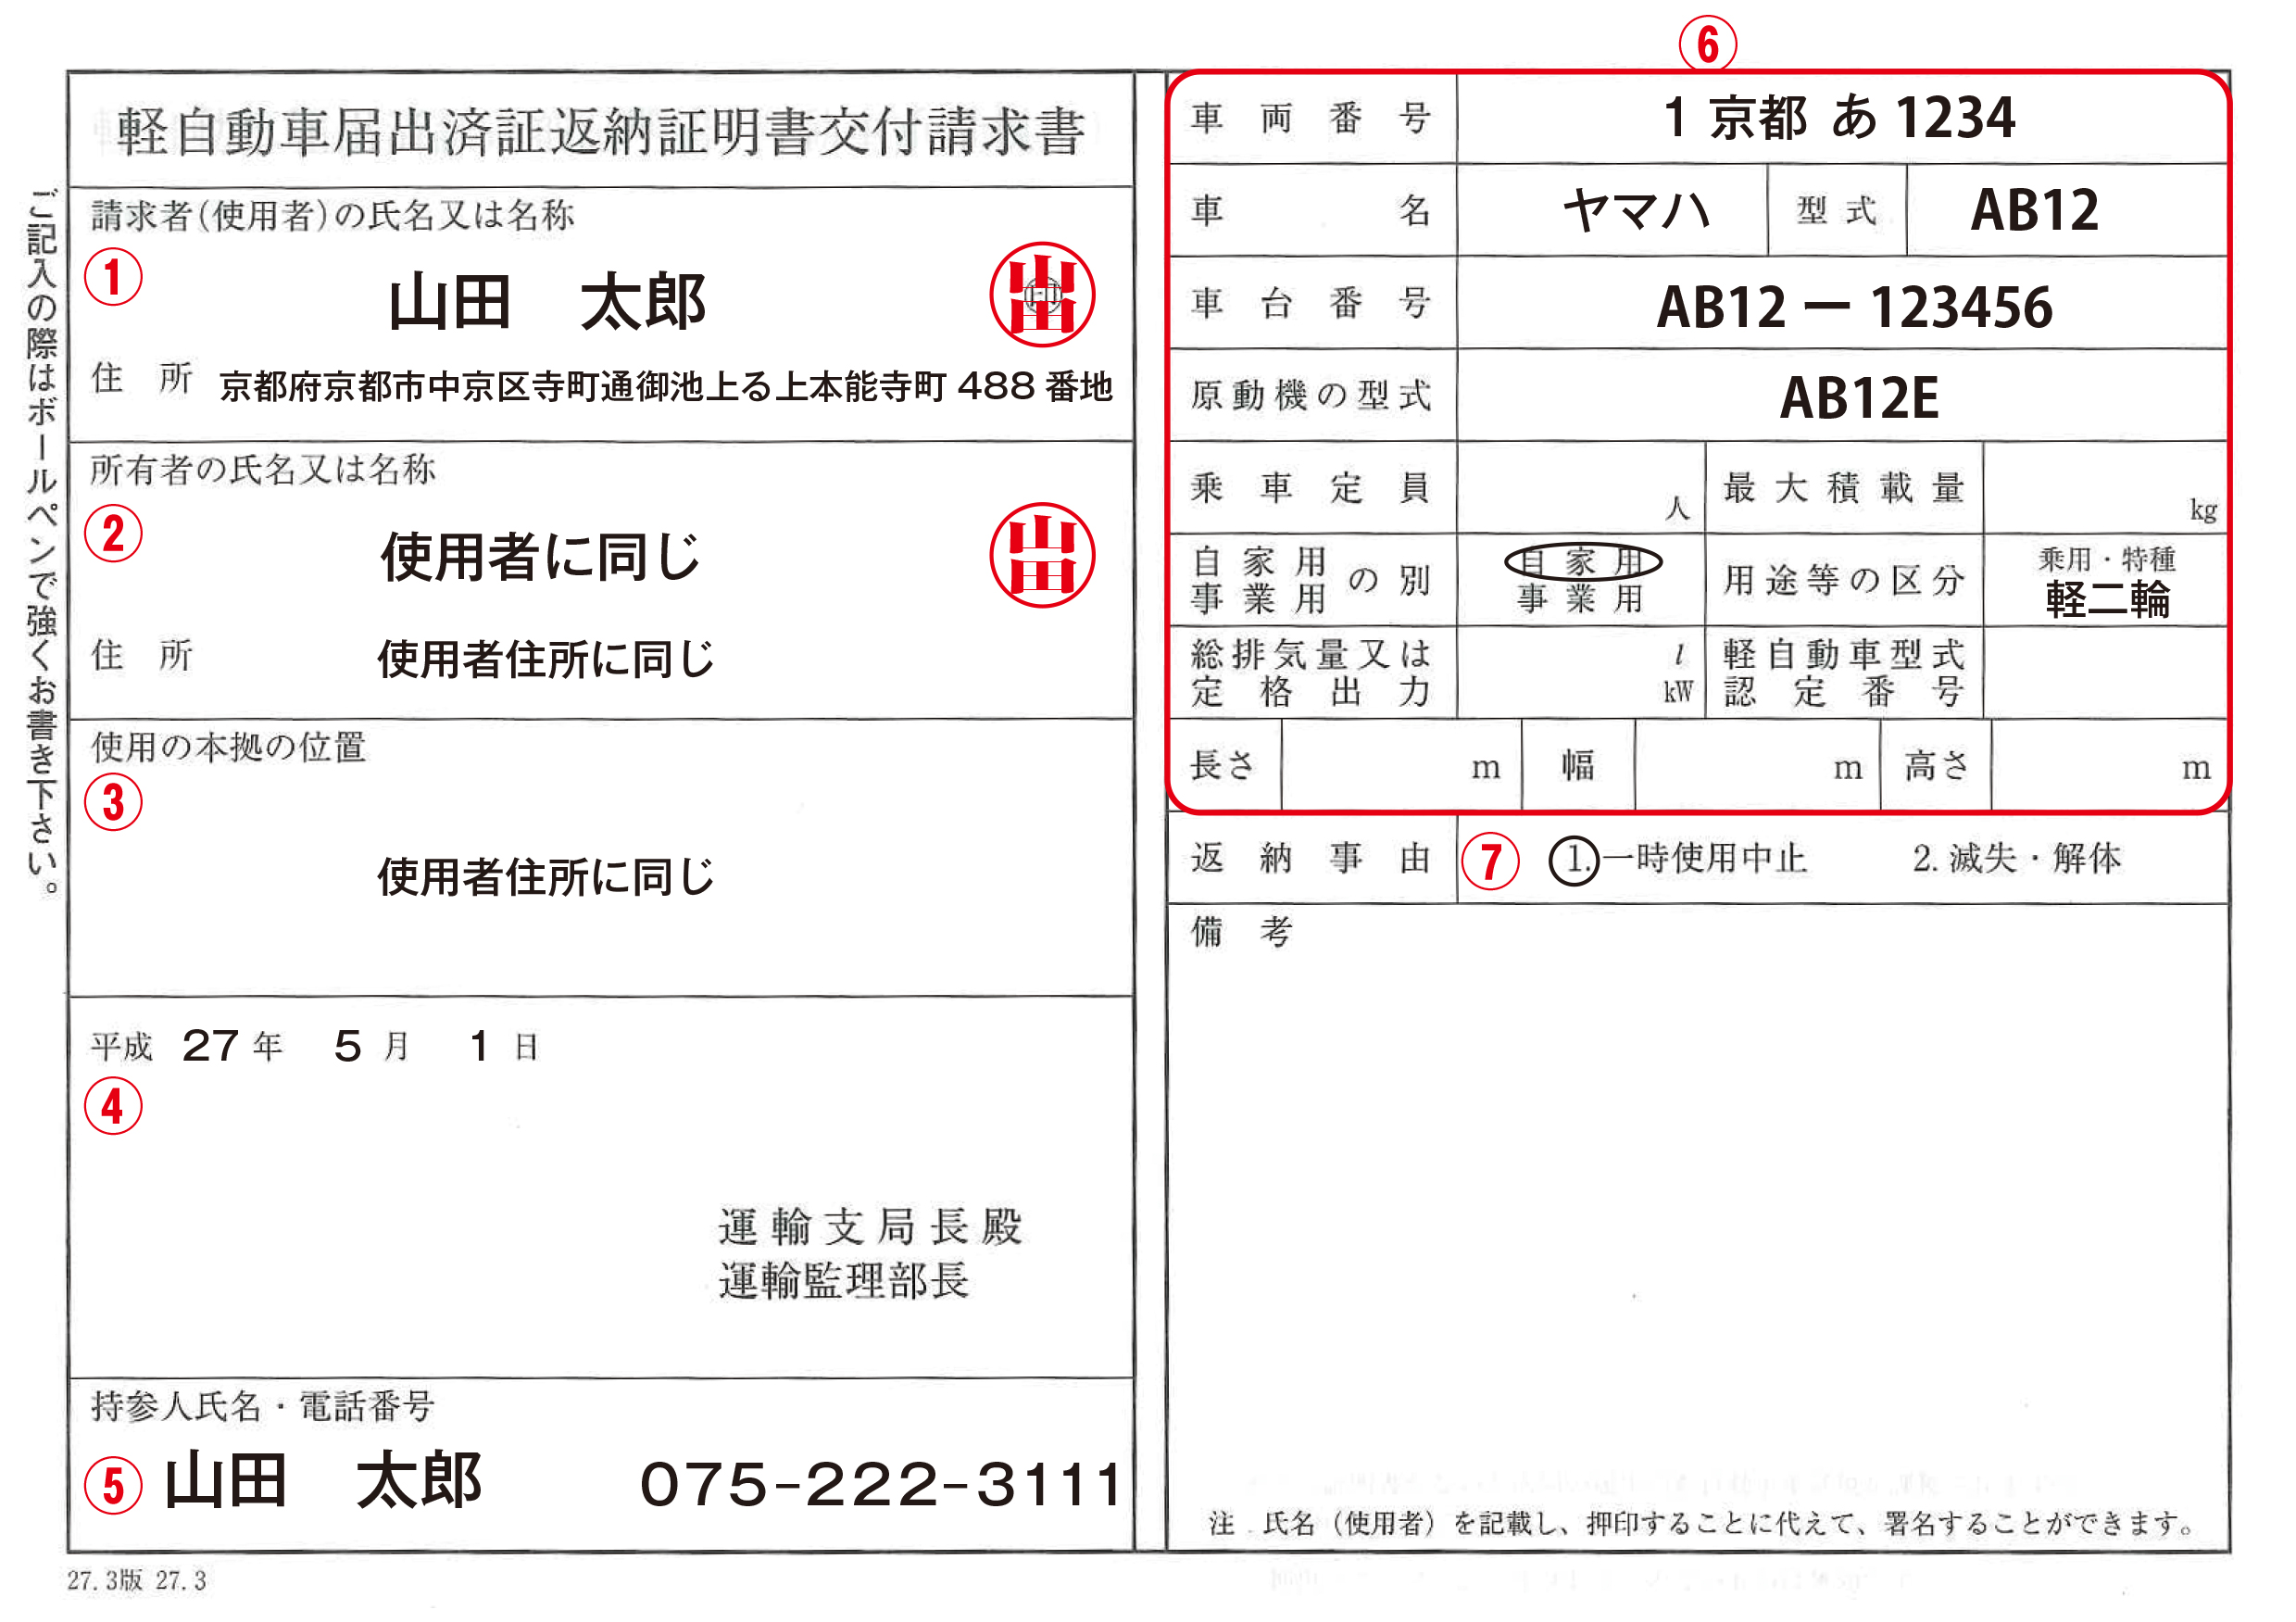 軽自動車届出済証返納証明書交付請求書-記入例